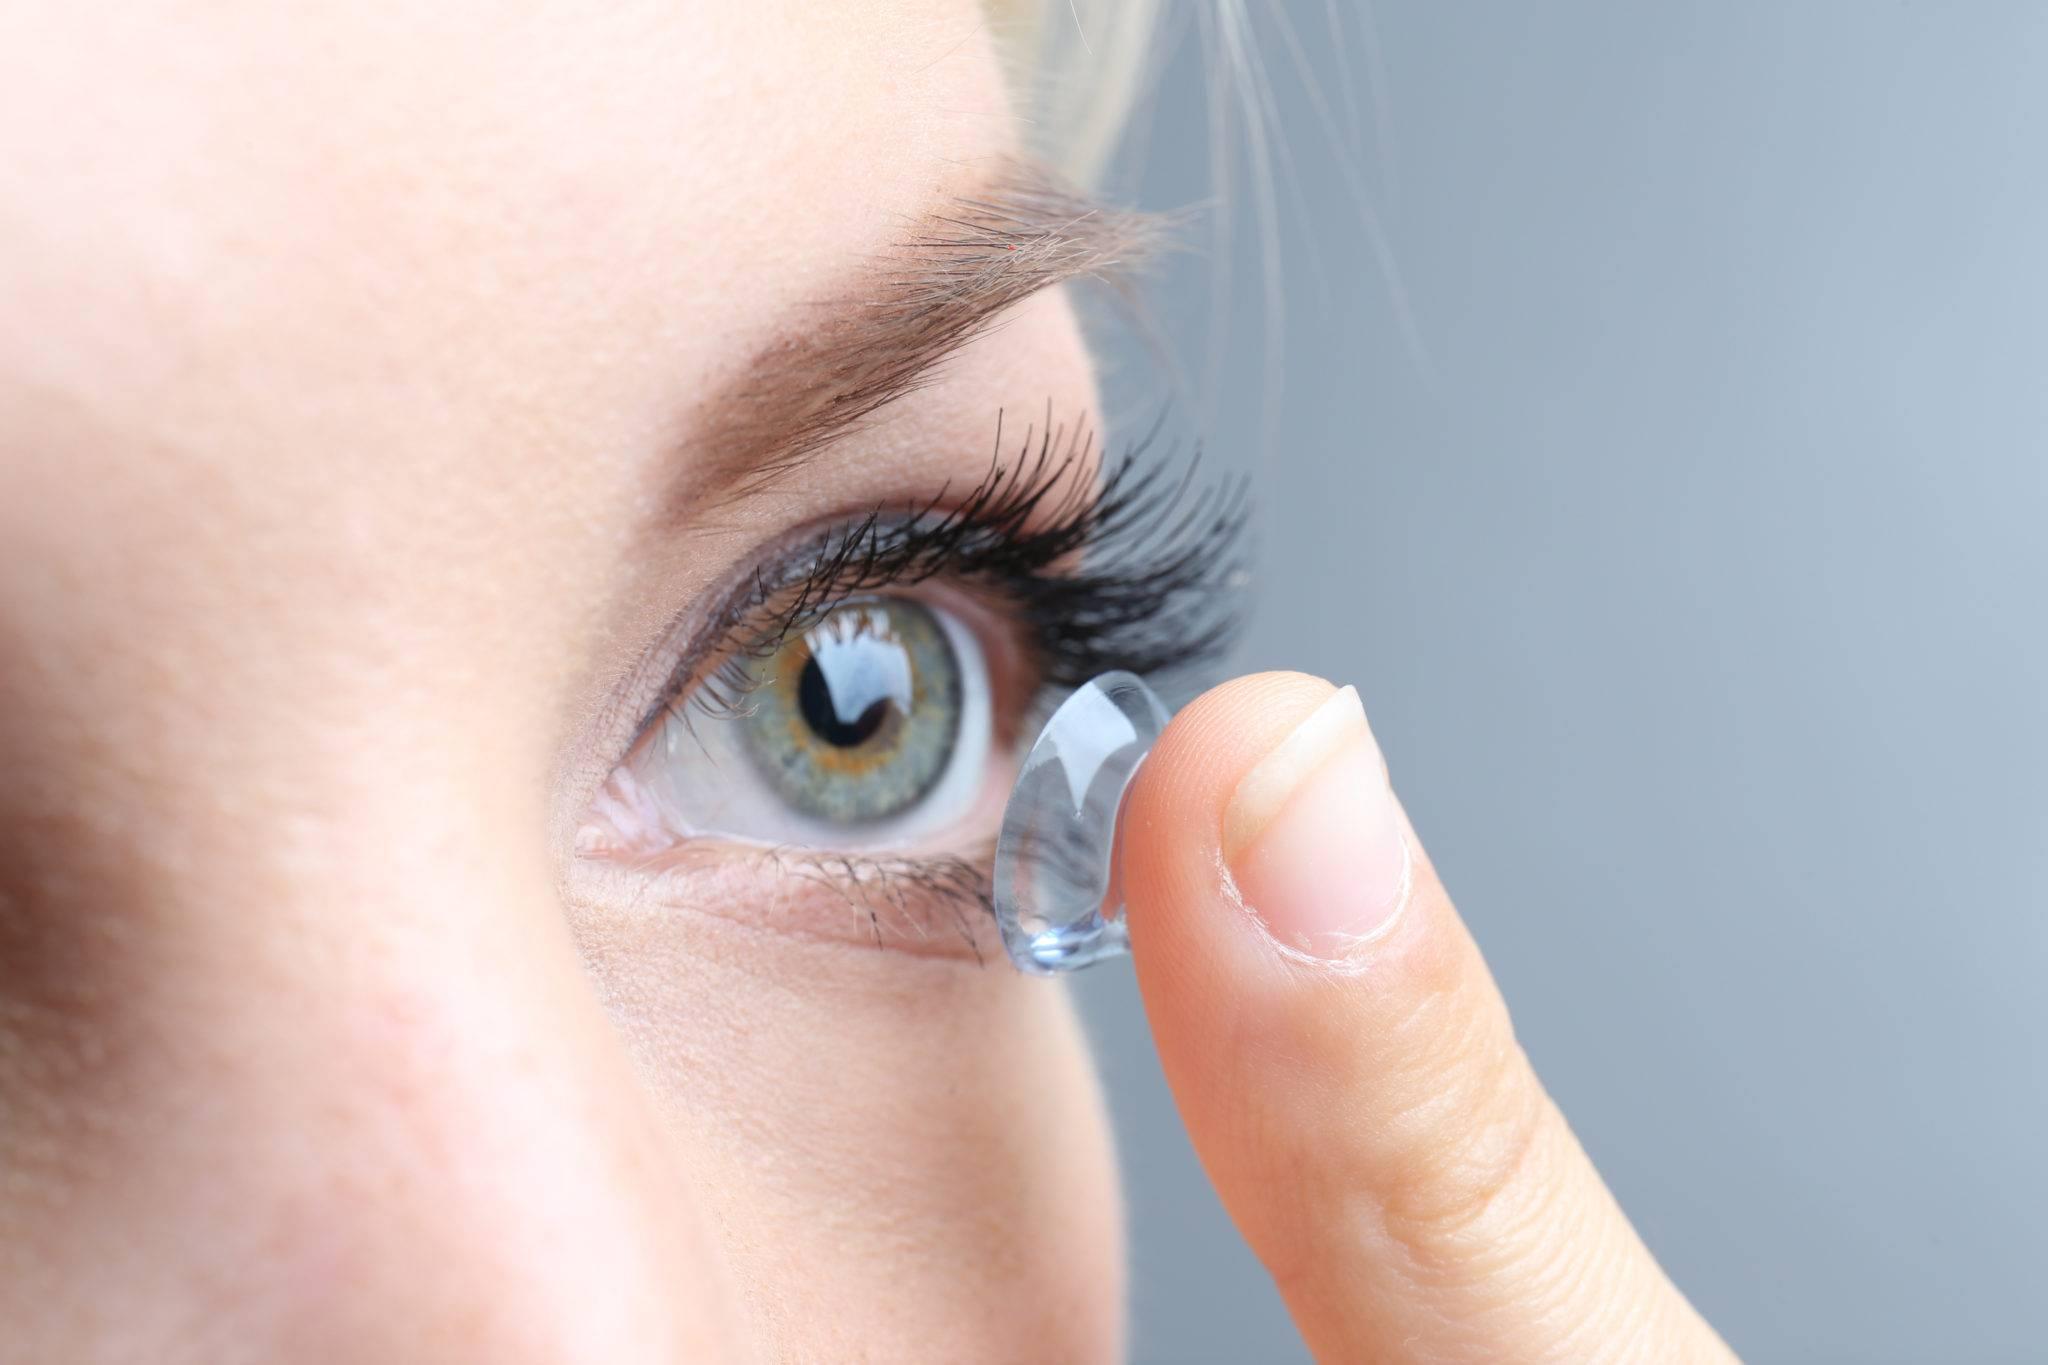 Не можете надеть линзы: как быть, если моргаете и глаза закрываются, почему еще не получается установить и что с этим делать?